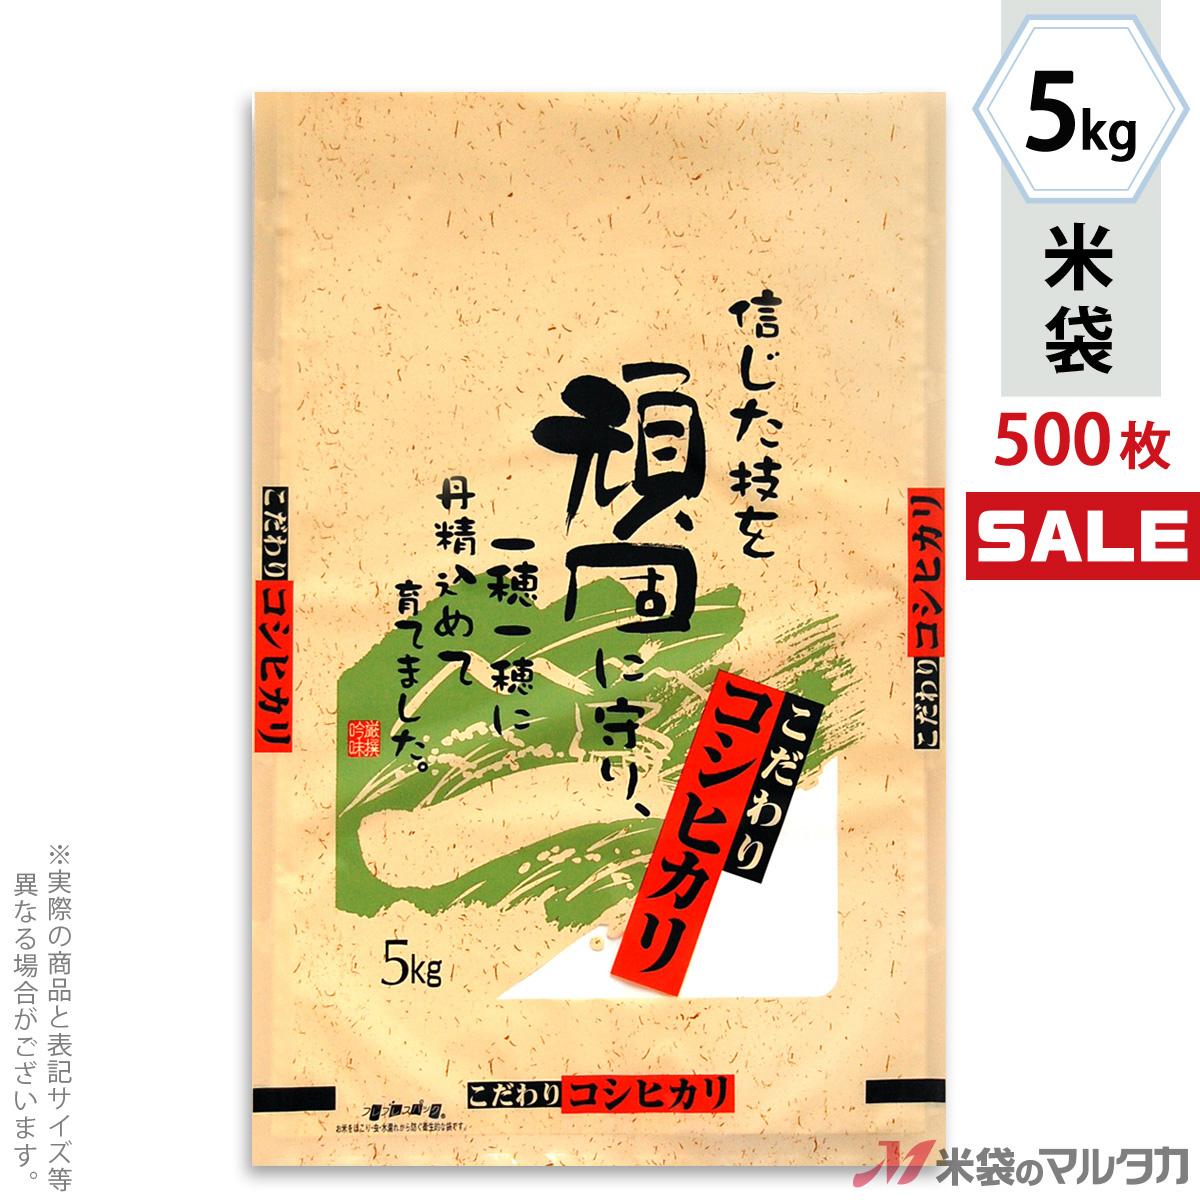 <キャンペーン対応>米袋 ラミ フレブレス コシヒカリ こだわり 5kg 1ケース(500枚入) MN-5520